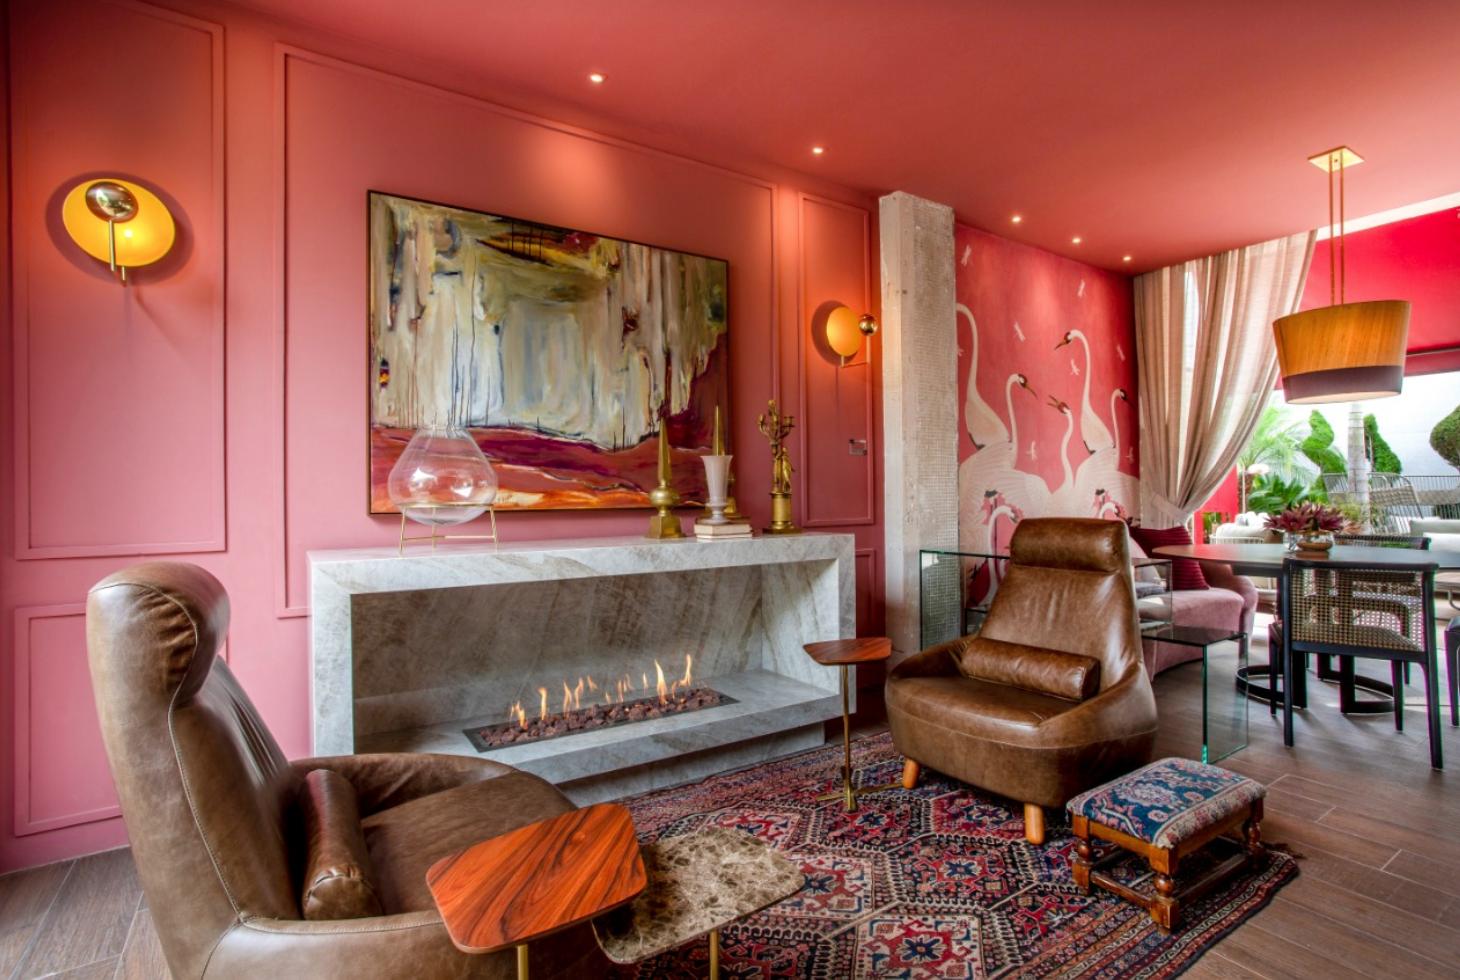 Ambiente com paredes rosa e lareira